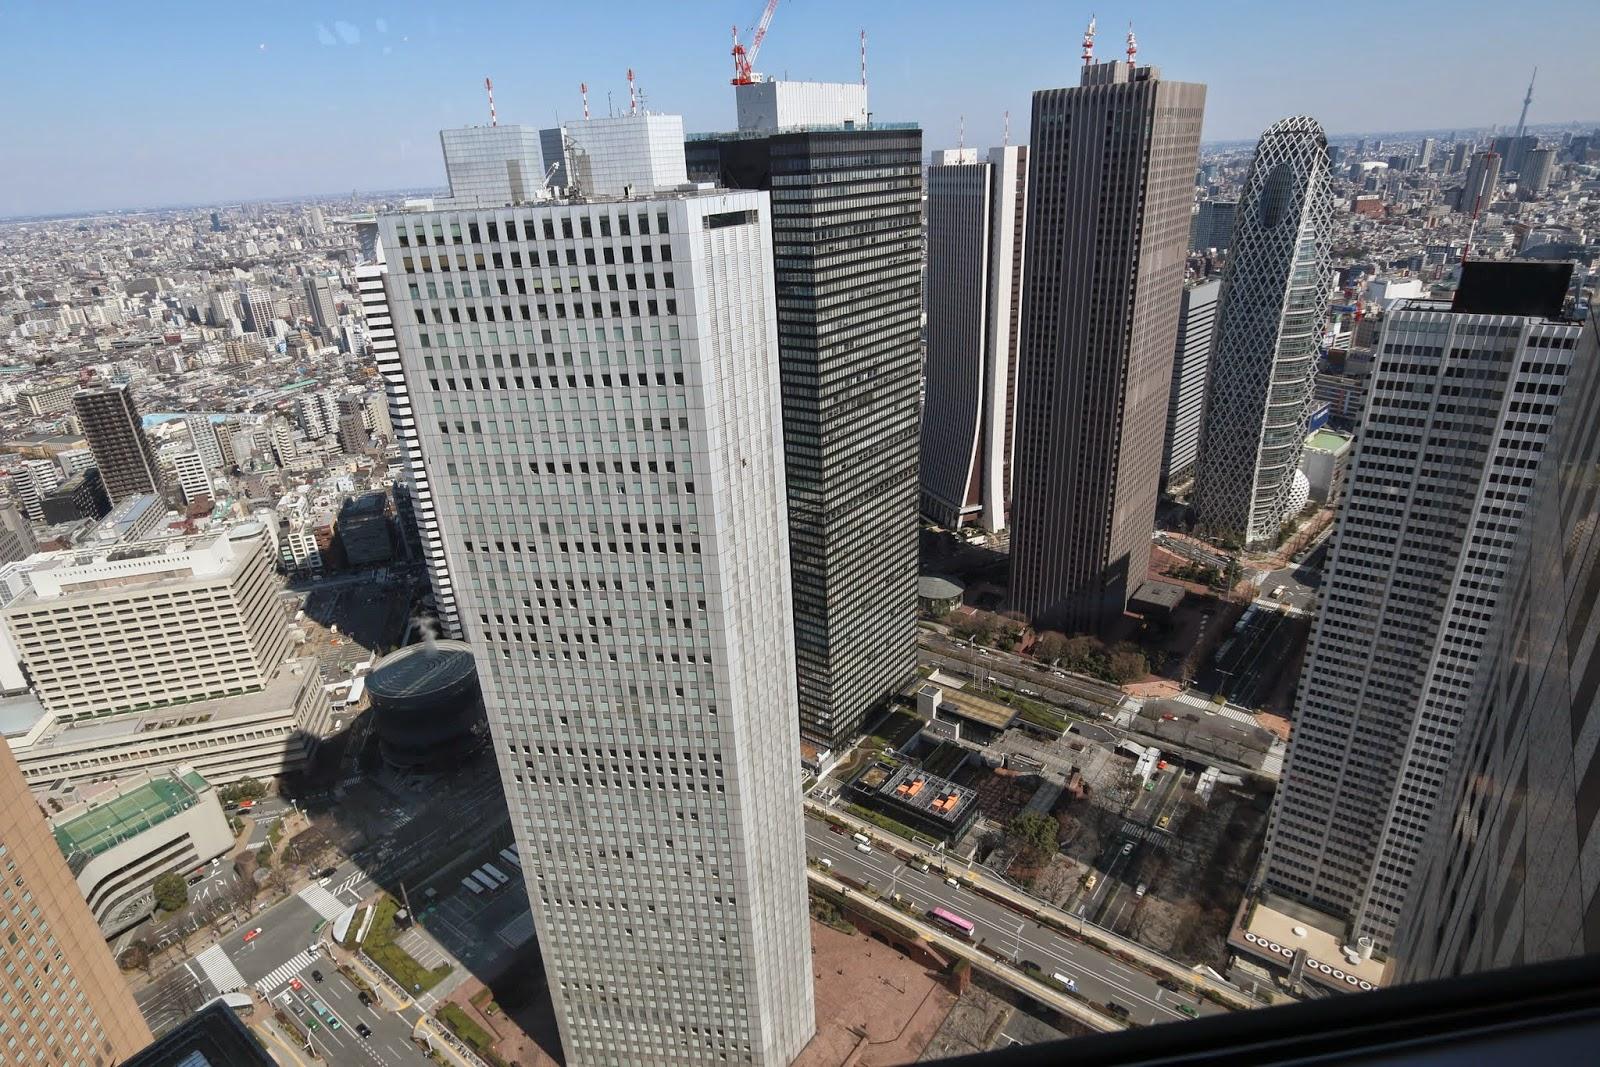 Shinjuku Sumitomo, Shinjuku Mitsui and Mode Gakuen Cocoon Tower at the observation deck of Tokyo Metropolitan Government Building, Japan